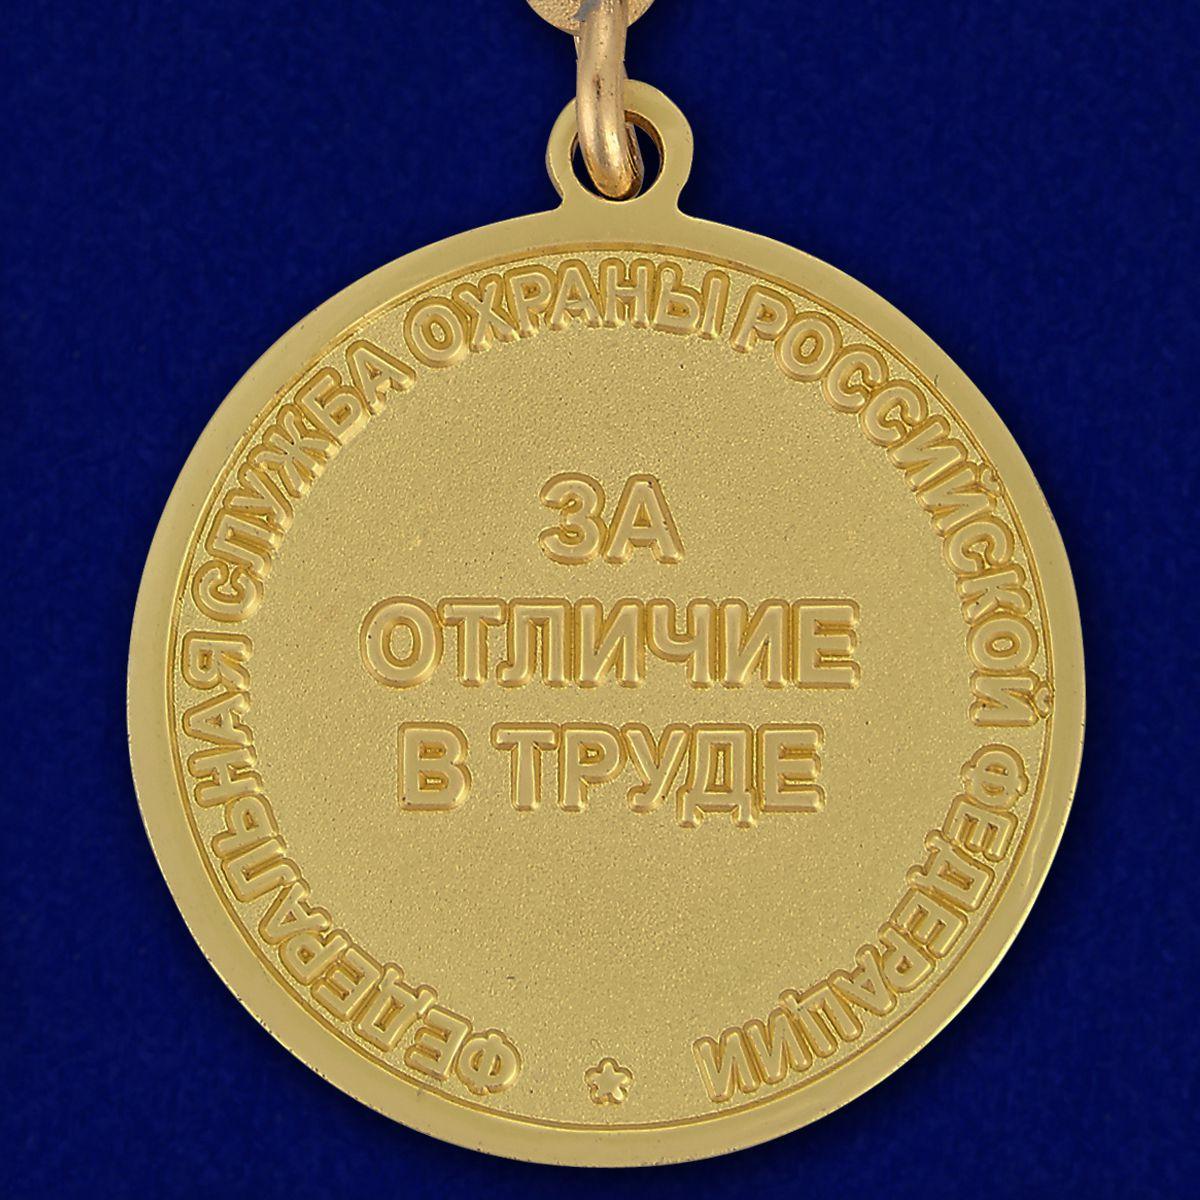 Медаль «За отличие в труде» ФСО купить оптом